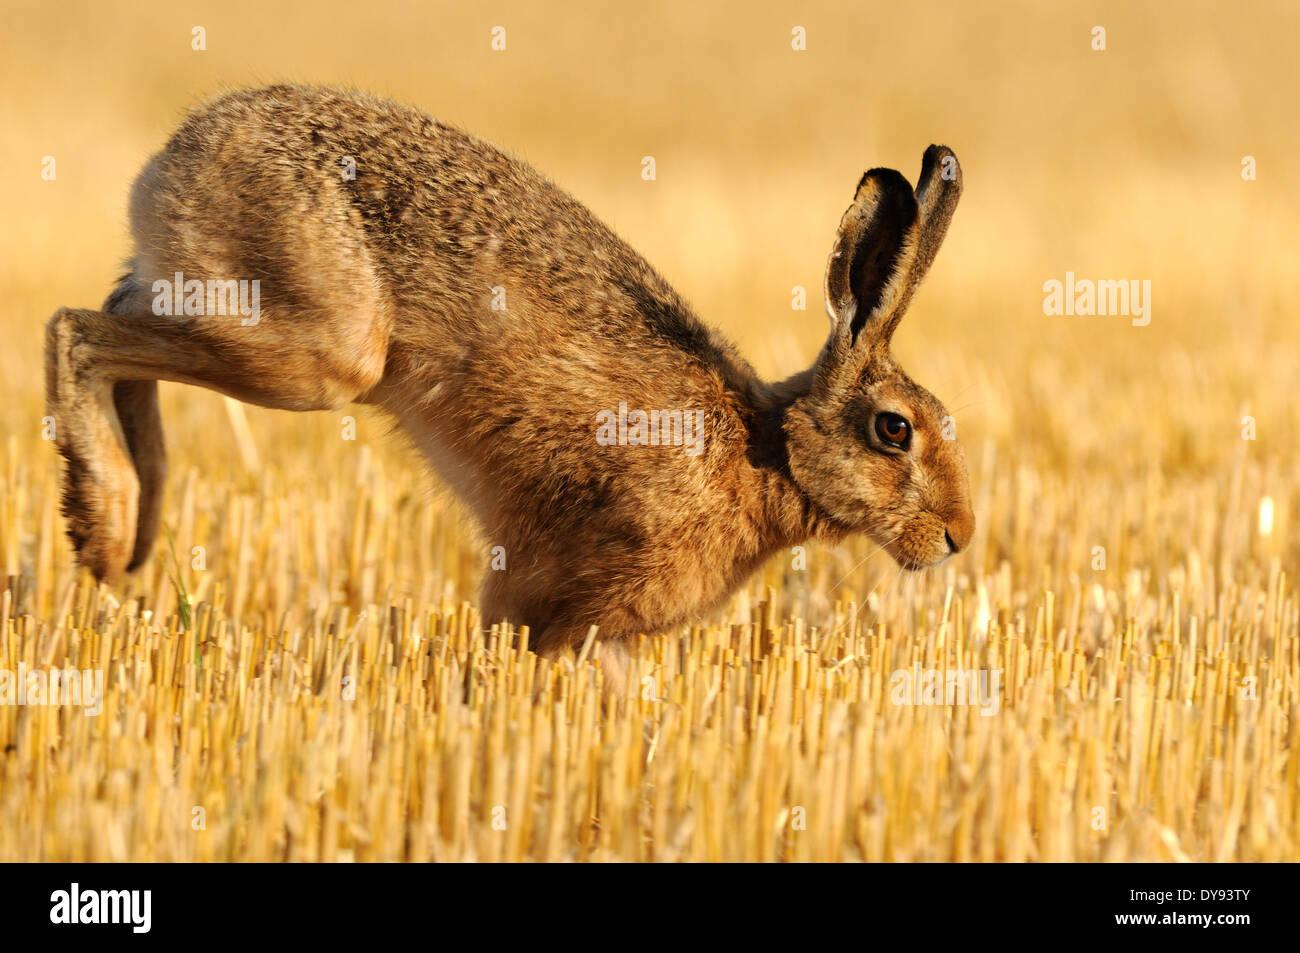 Lièvre, lapin, Lepus europaeus Pallas, brown hare, bunny, champ de chaume, l'été, des animaux, des animaux, de l'Allemagne, l'Europe, Photo Stock